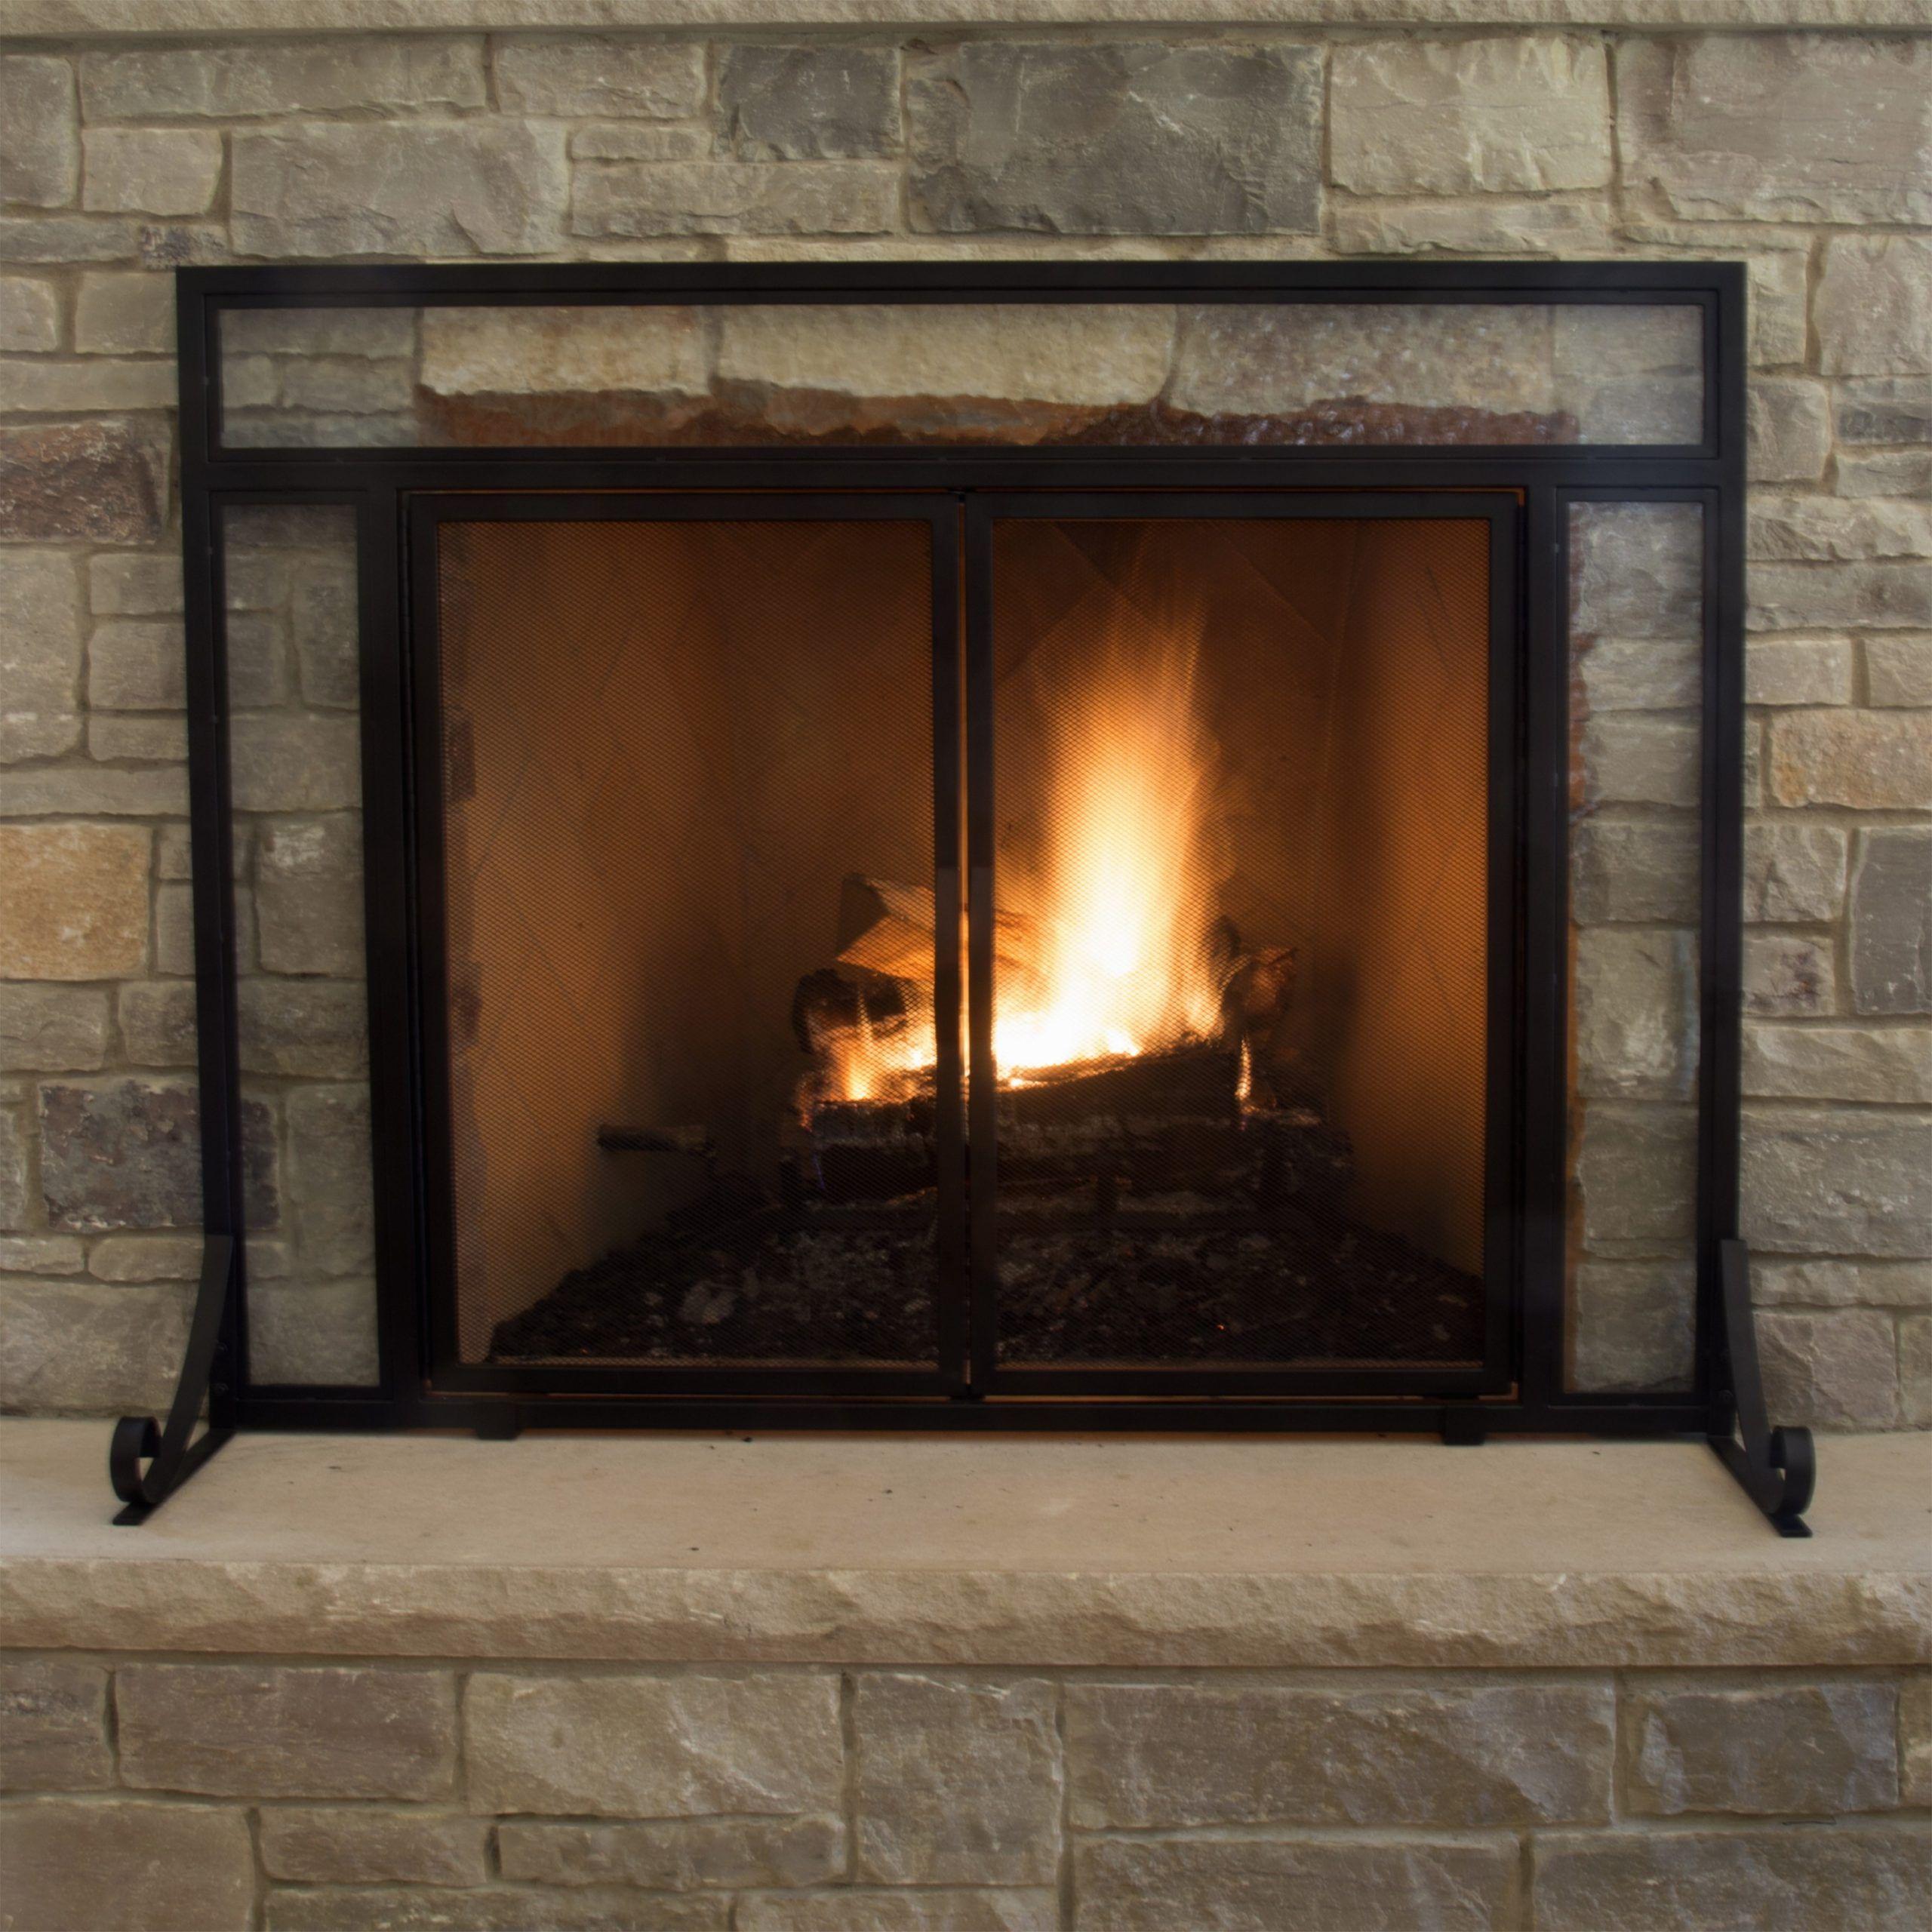 Ten Things You Should Do In Discount Fireplace Screens Fireplace Screens Fireplace Screens With Doors Fireplace Screen